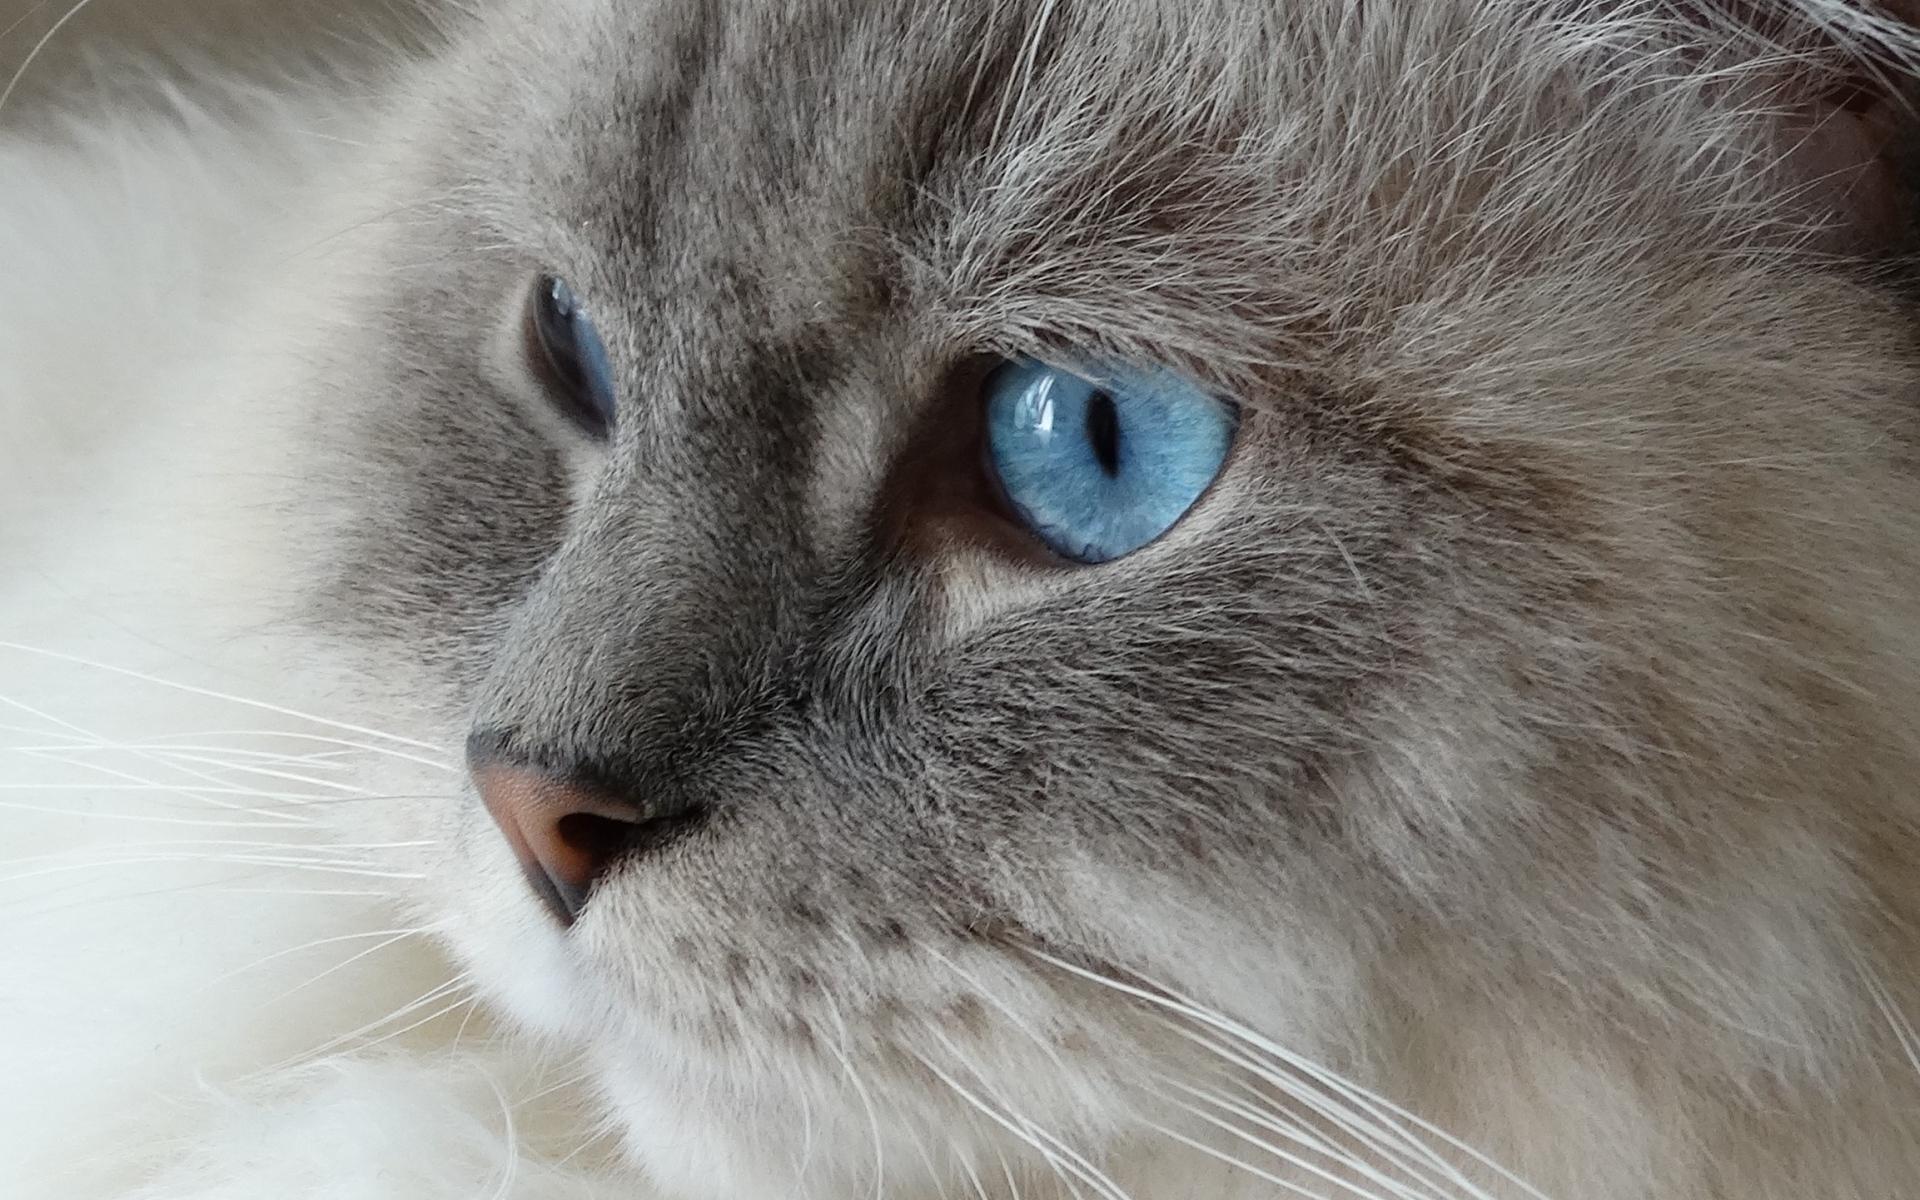 Картинки Кошка, лицо, пушистая, голубоглазый фото и обои на рабочий стол